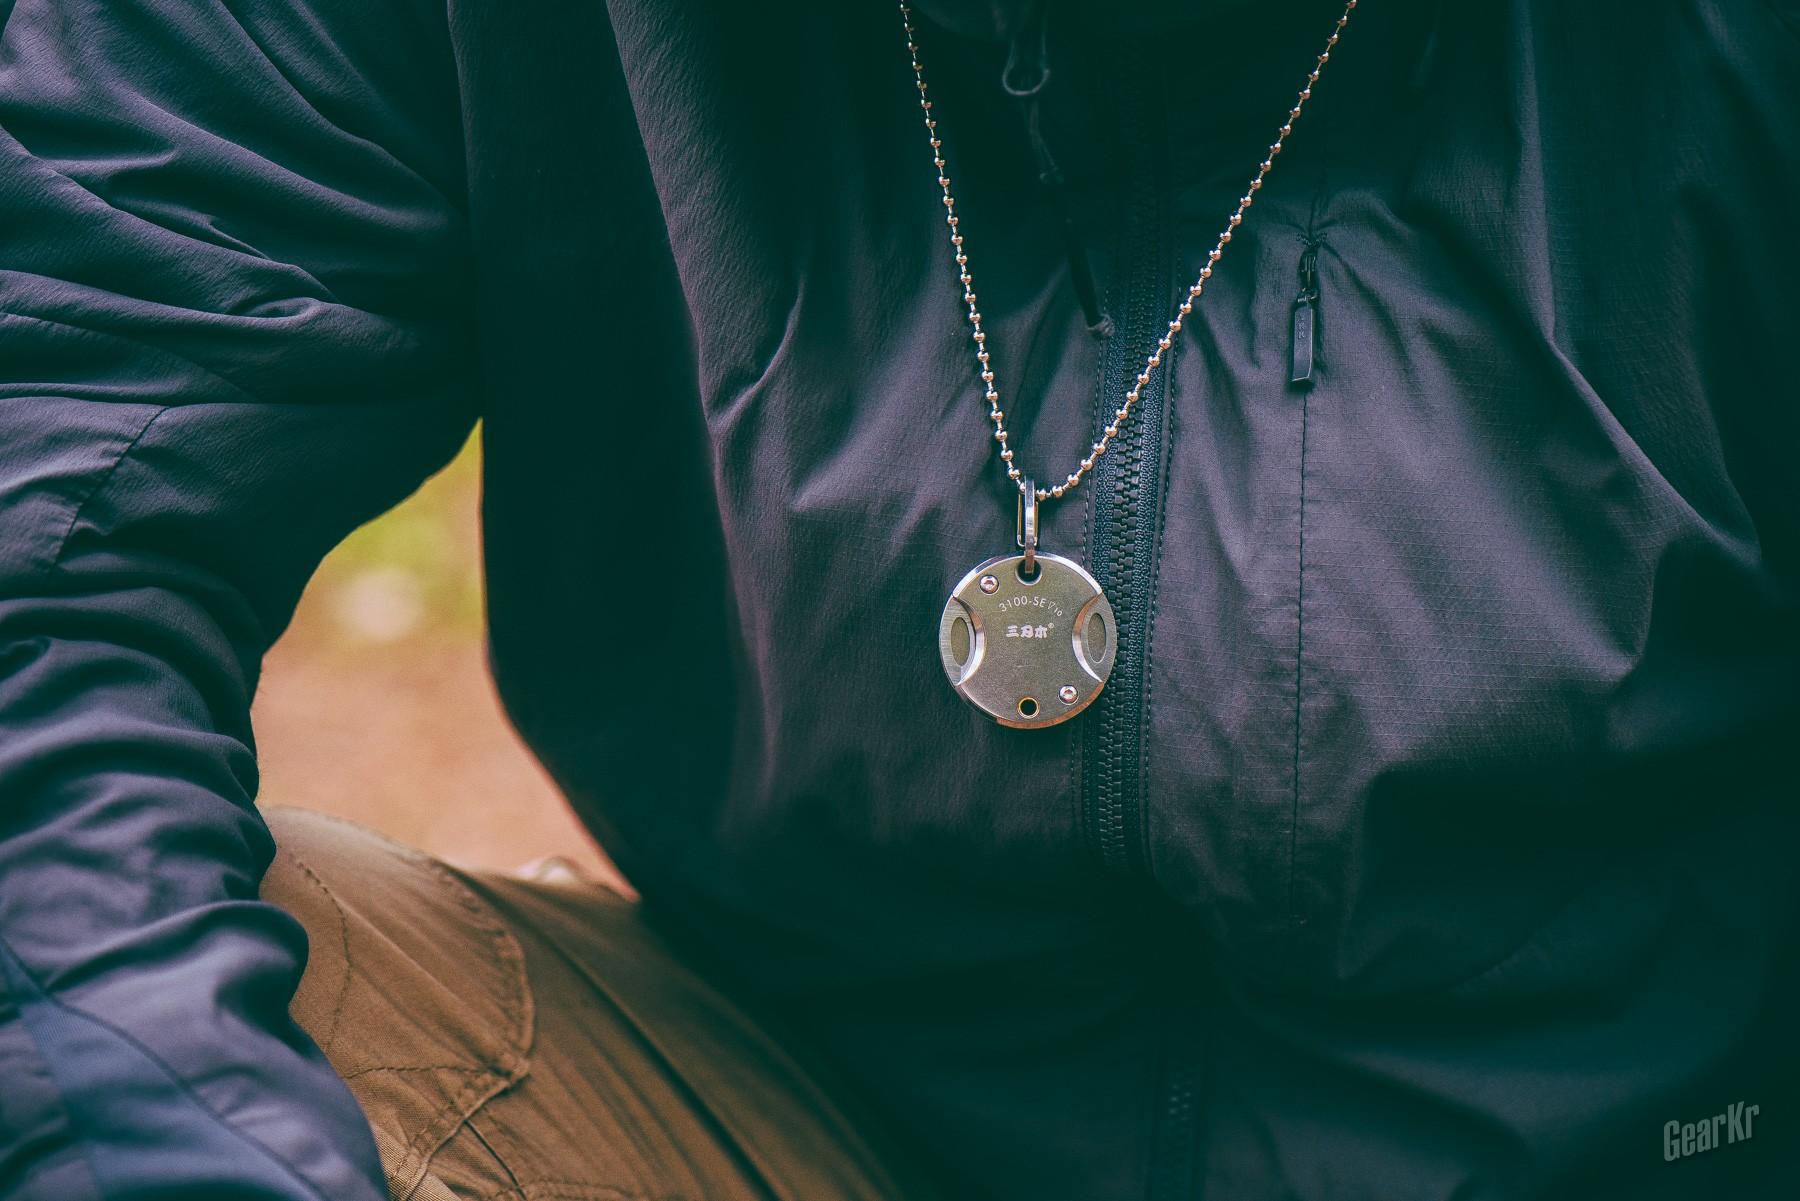 给硬币刀来点花样——三刃木3100硬币吊坠刀体验分享